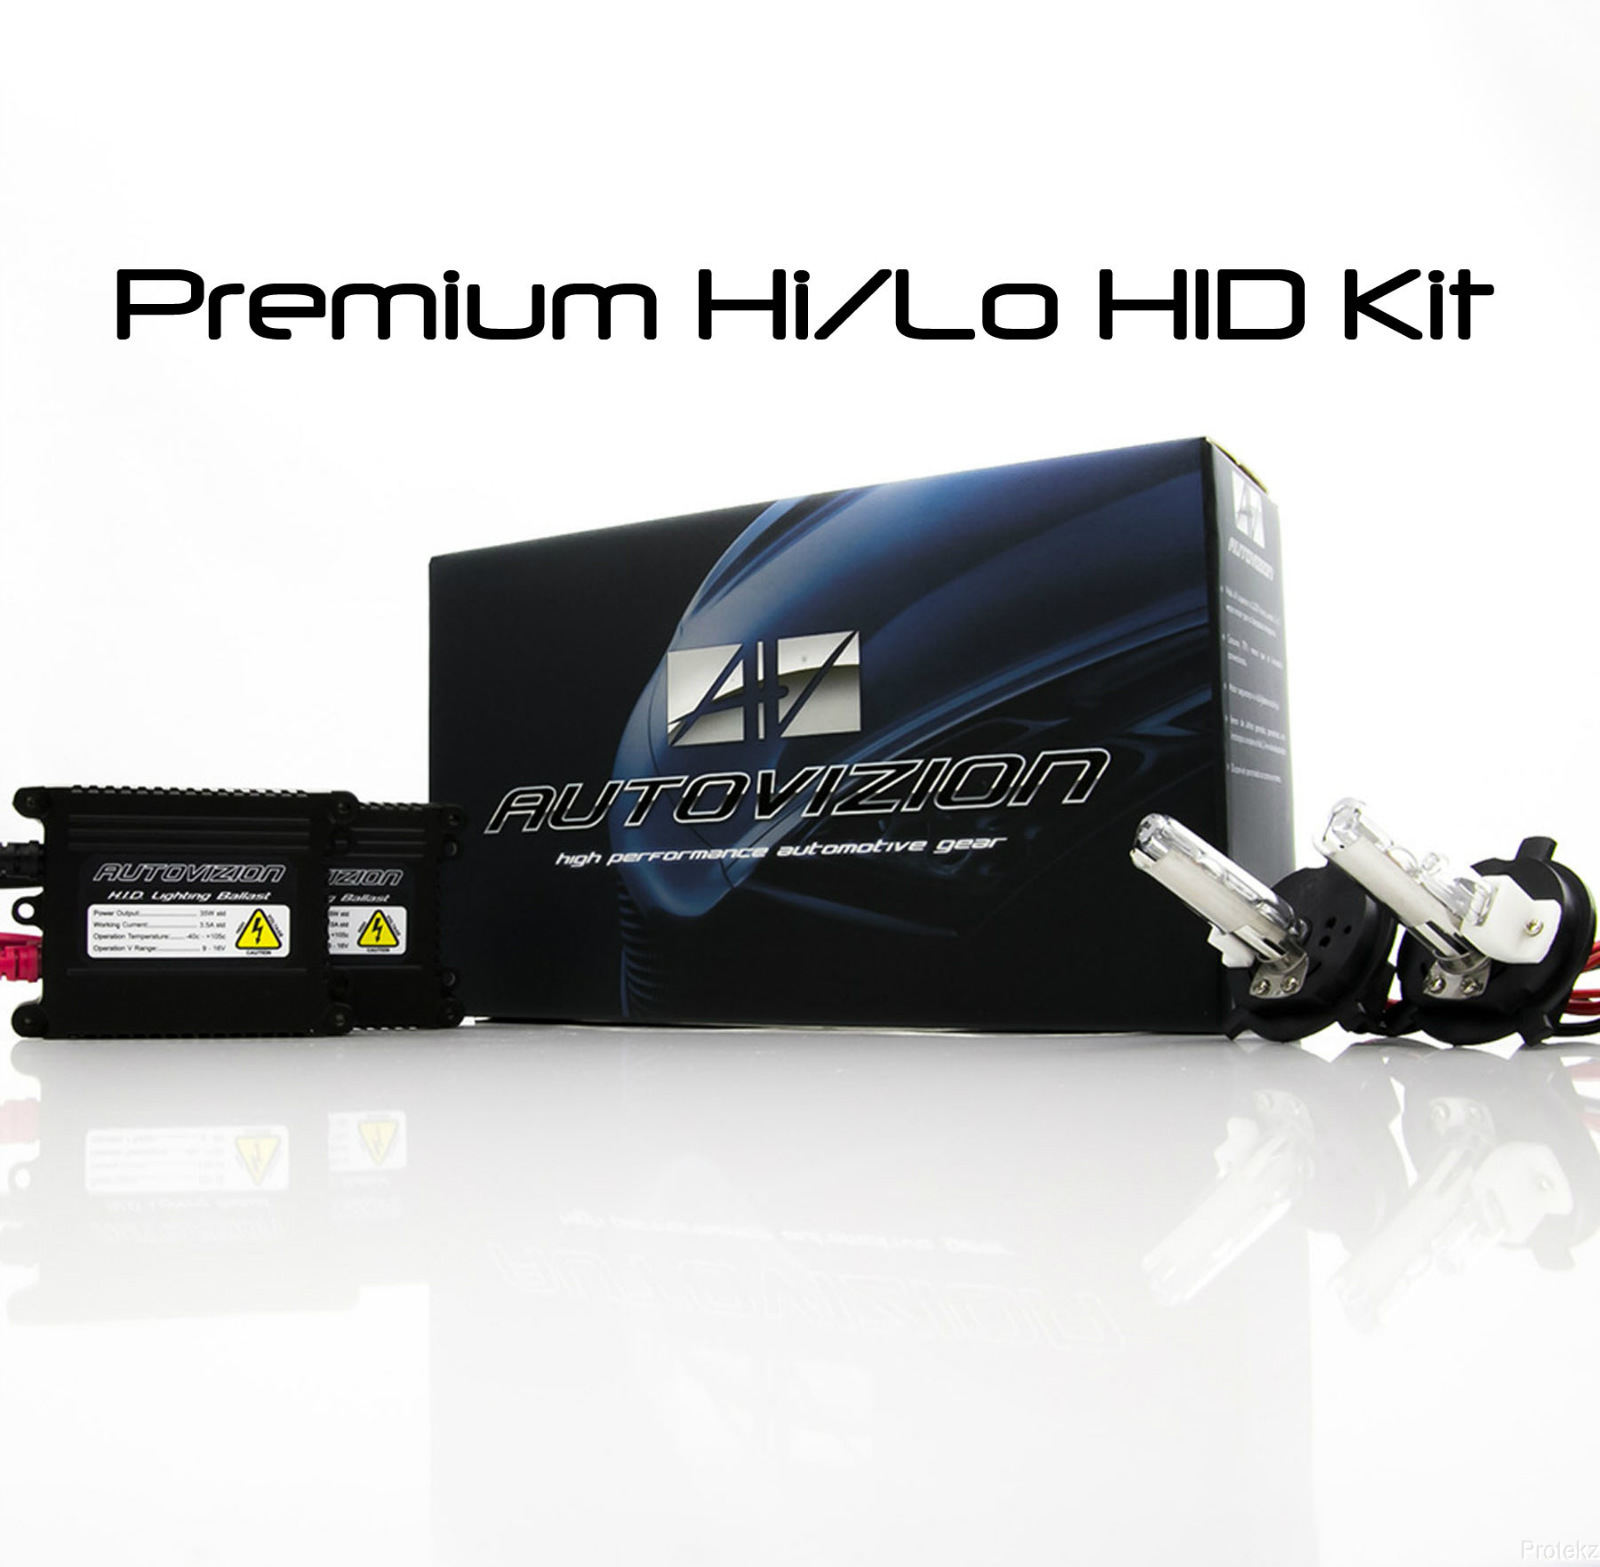 http://imagehost.vendio.com/a/22087688/view/12.jpg